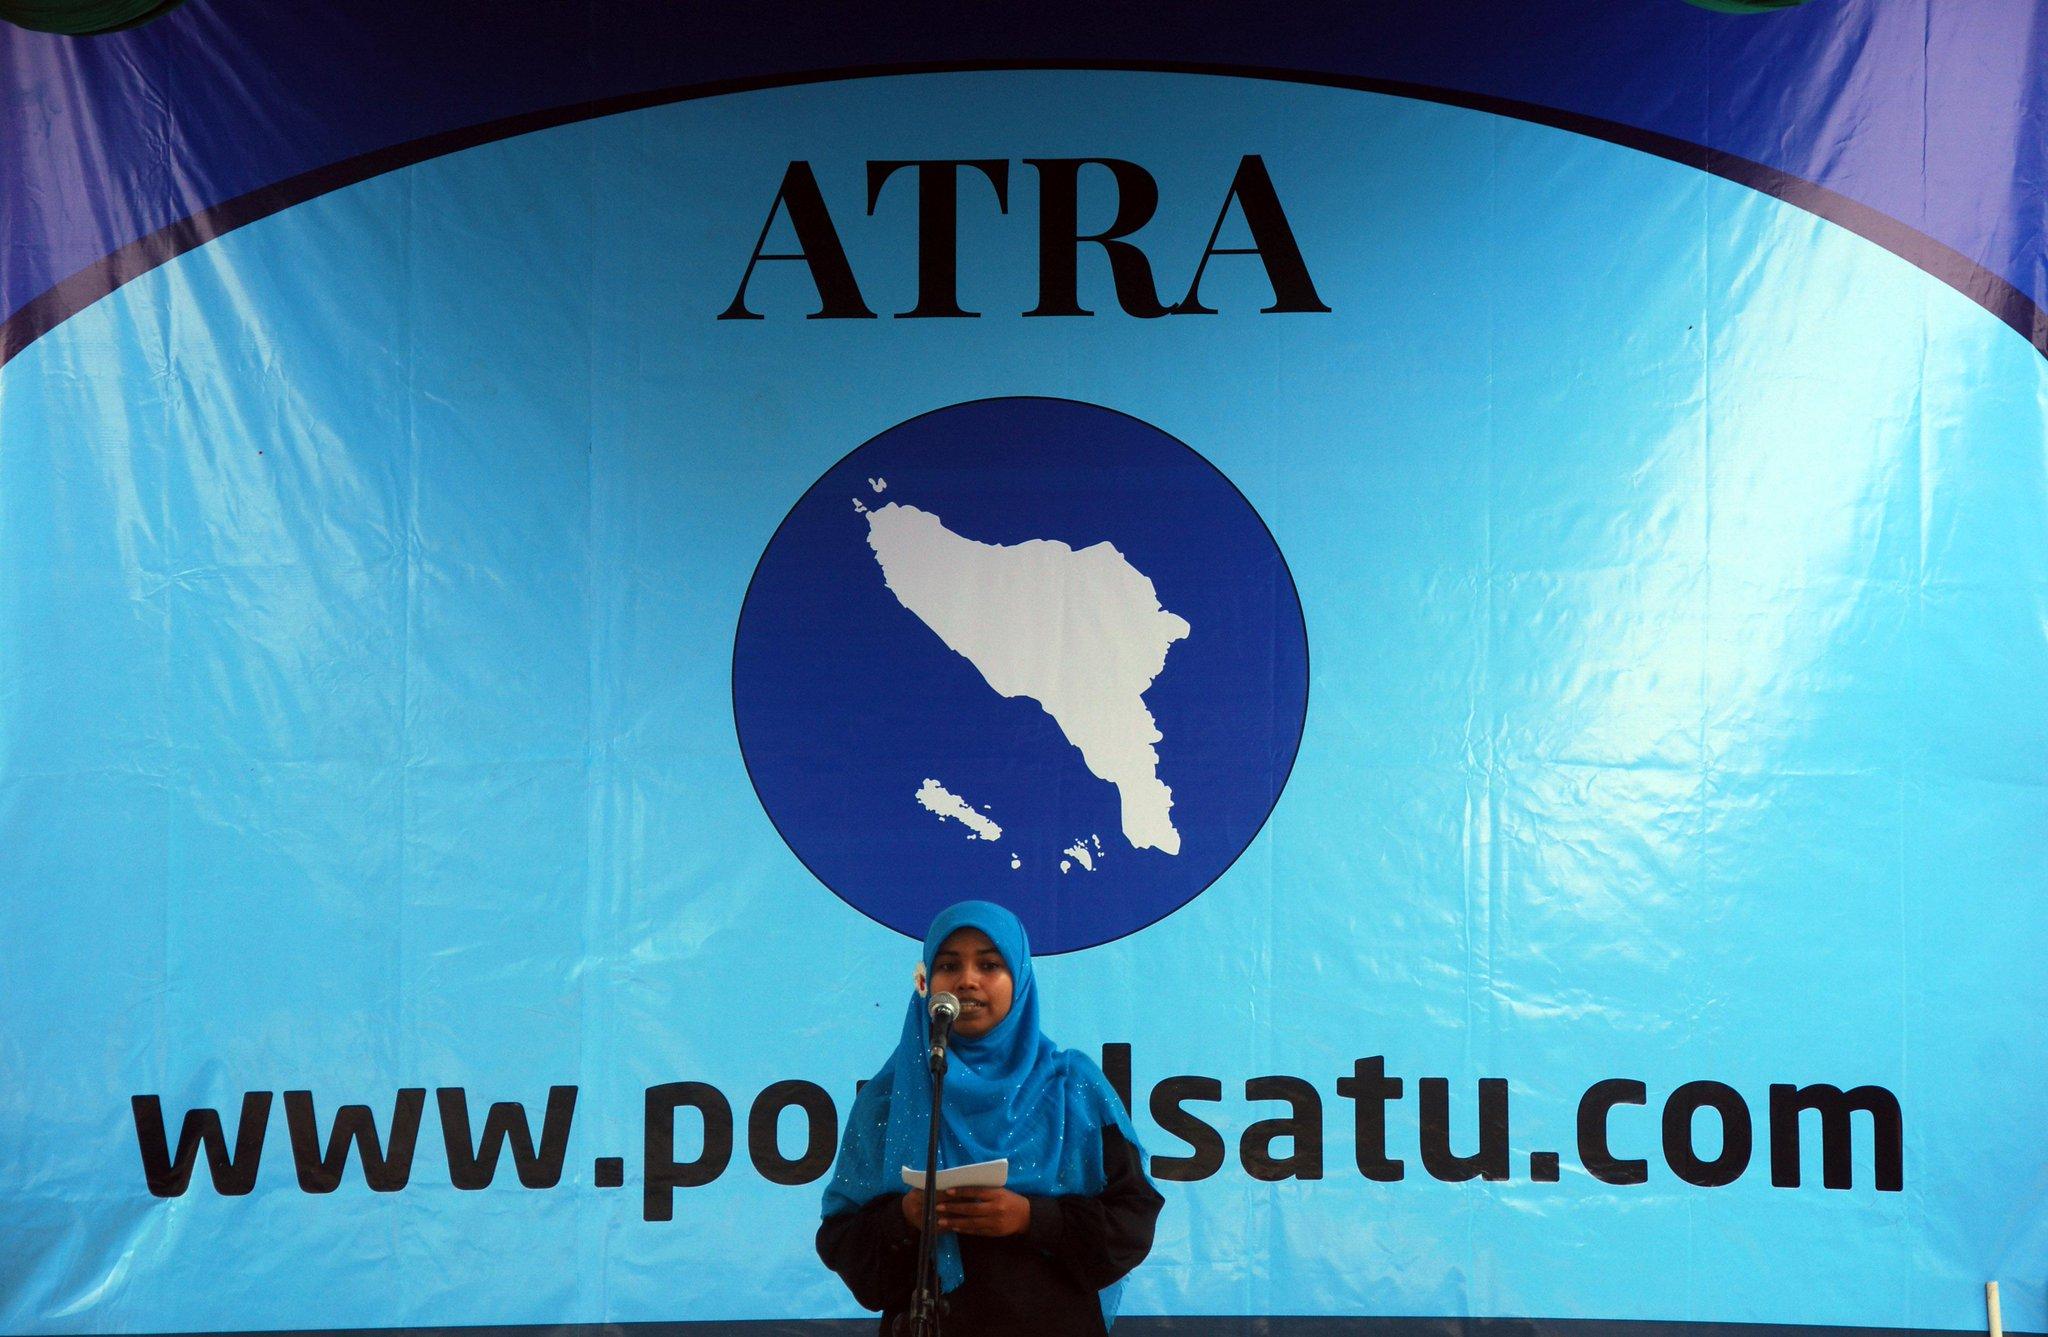 Mualem Resmikan Portalsatu.com dan Majalah ATRA